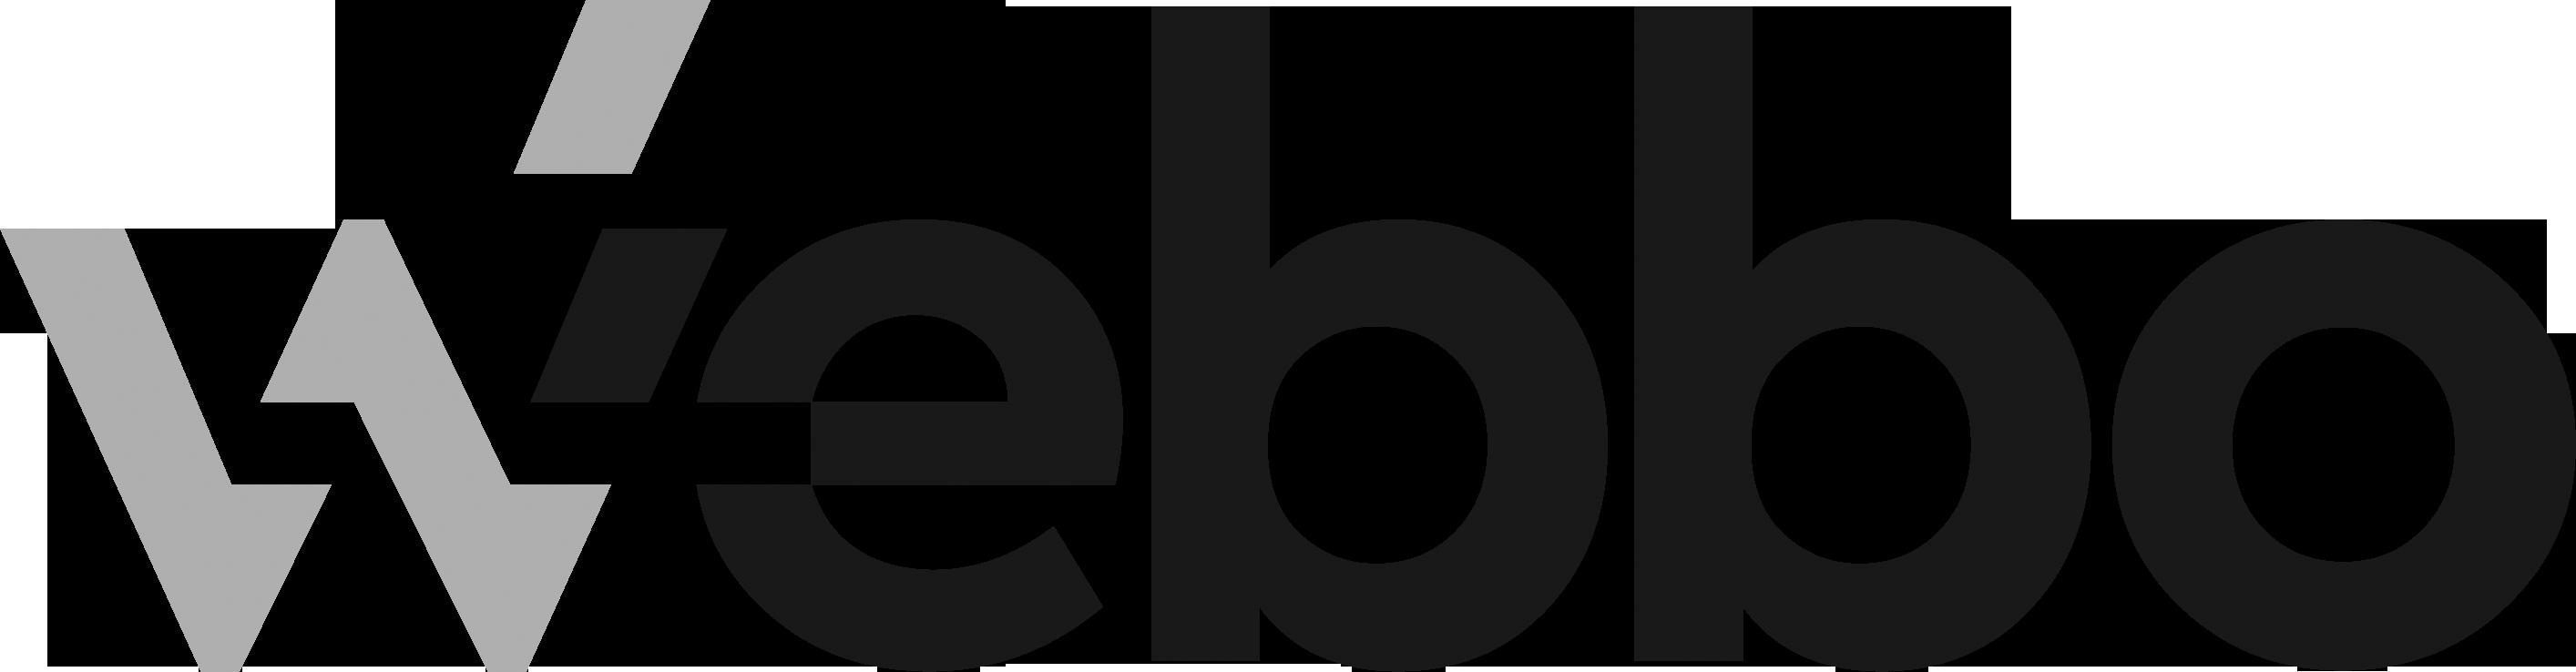 Producerad av Webbo